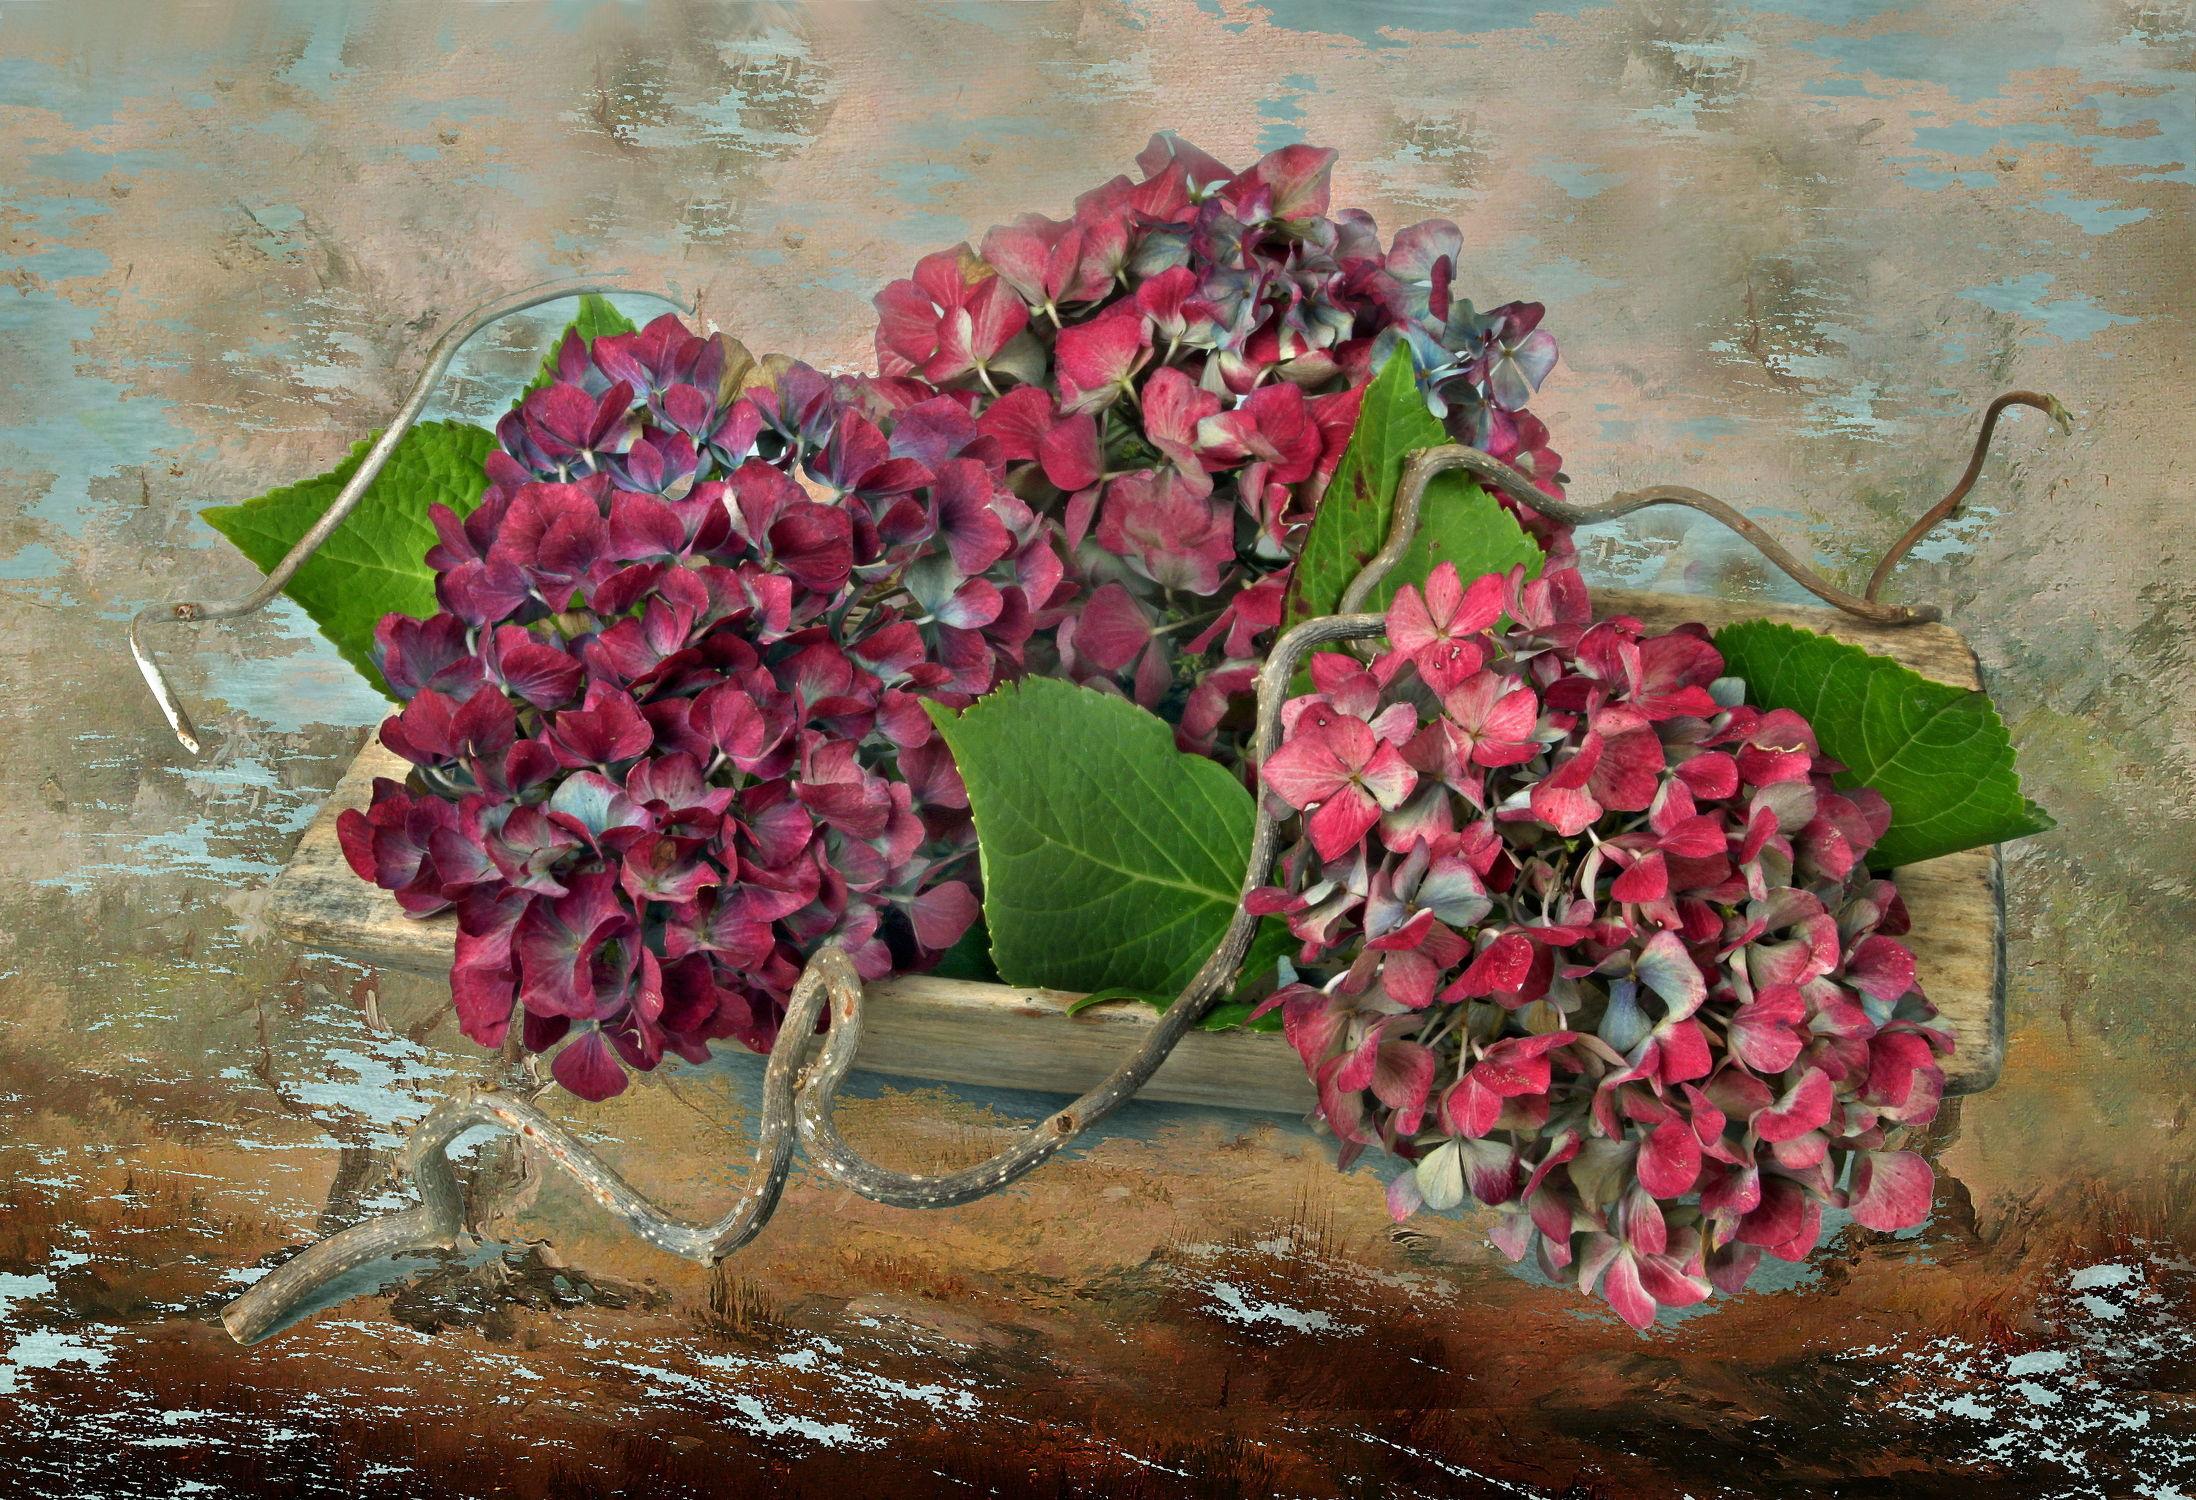 Bild mit Blumen, Blume, Pflanze, Floral, Toskana, hortensien, Blüten, Florales, Textur, blüte, Hortensie